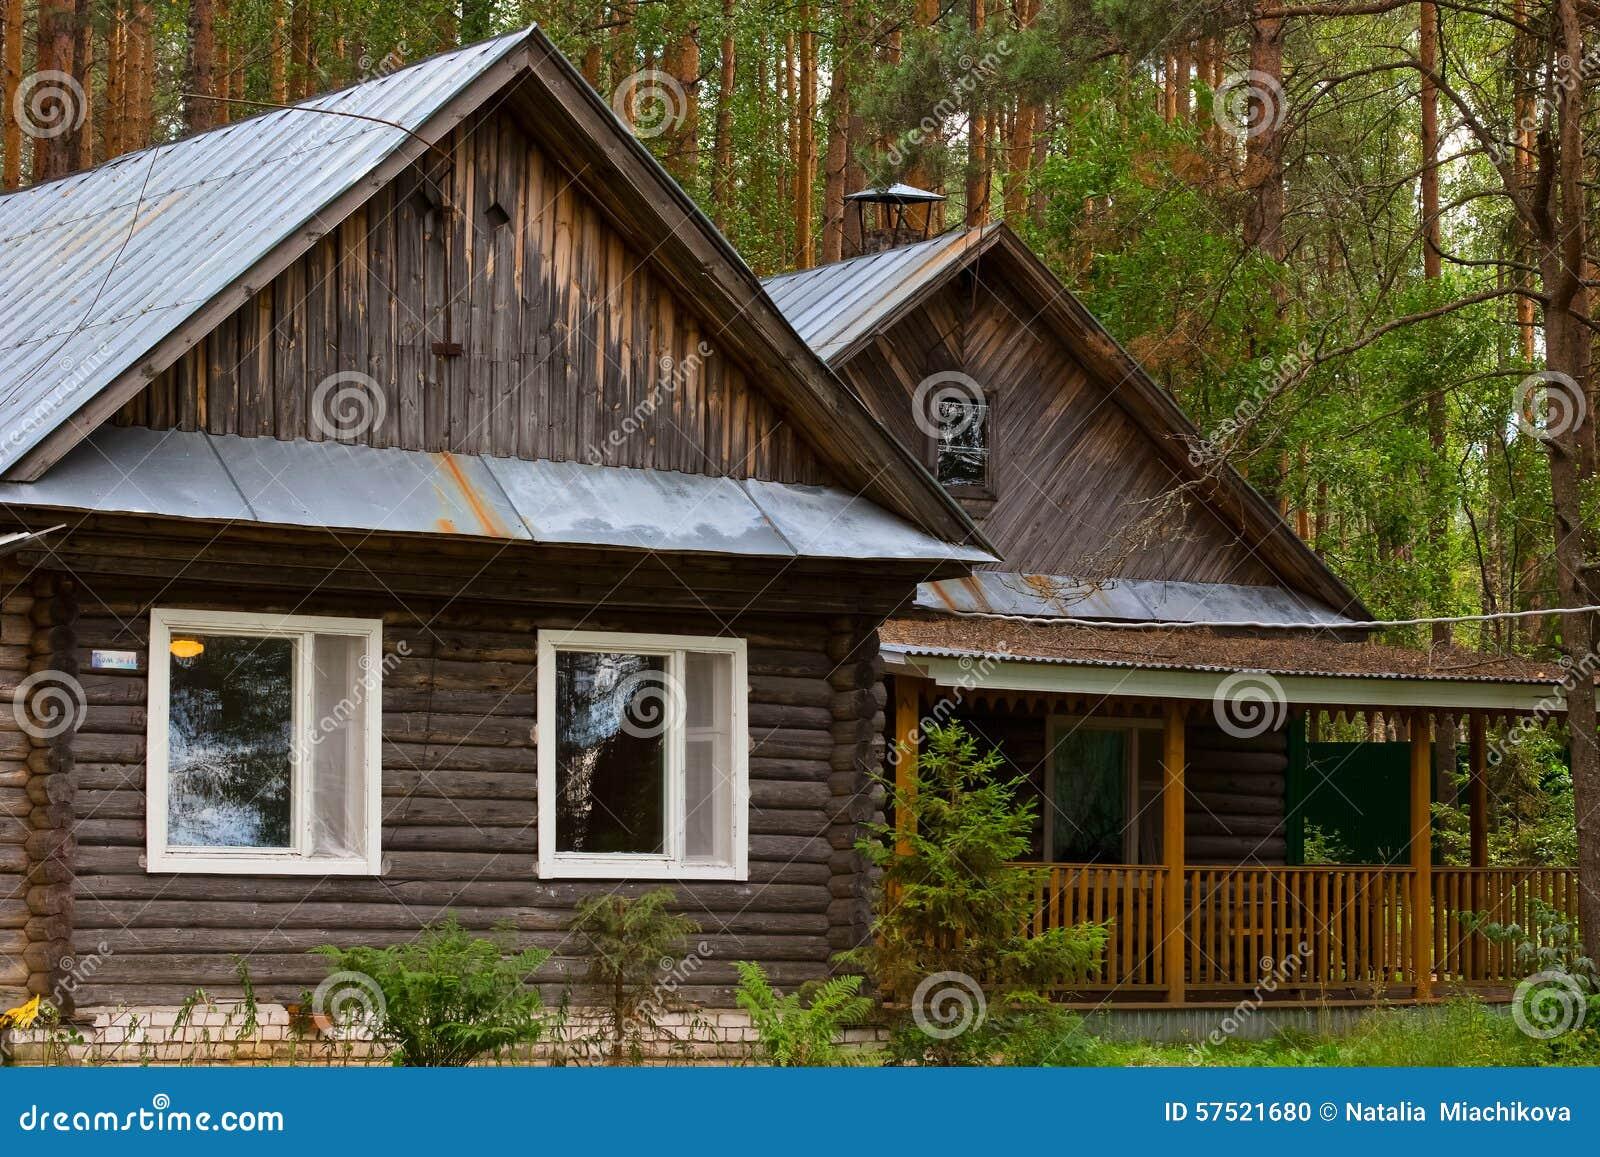 belle petite maison dans les bois photo stock image 57521680. Black Bedroom Furniture Sets. Home Design Ideas